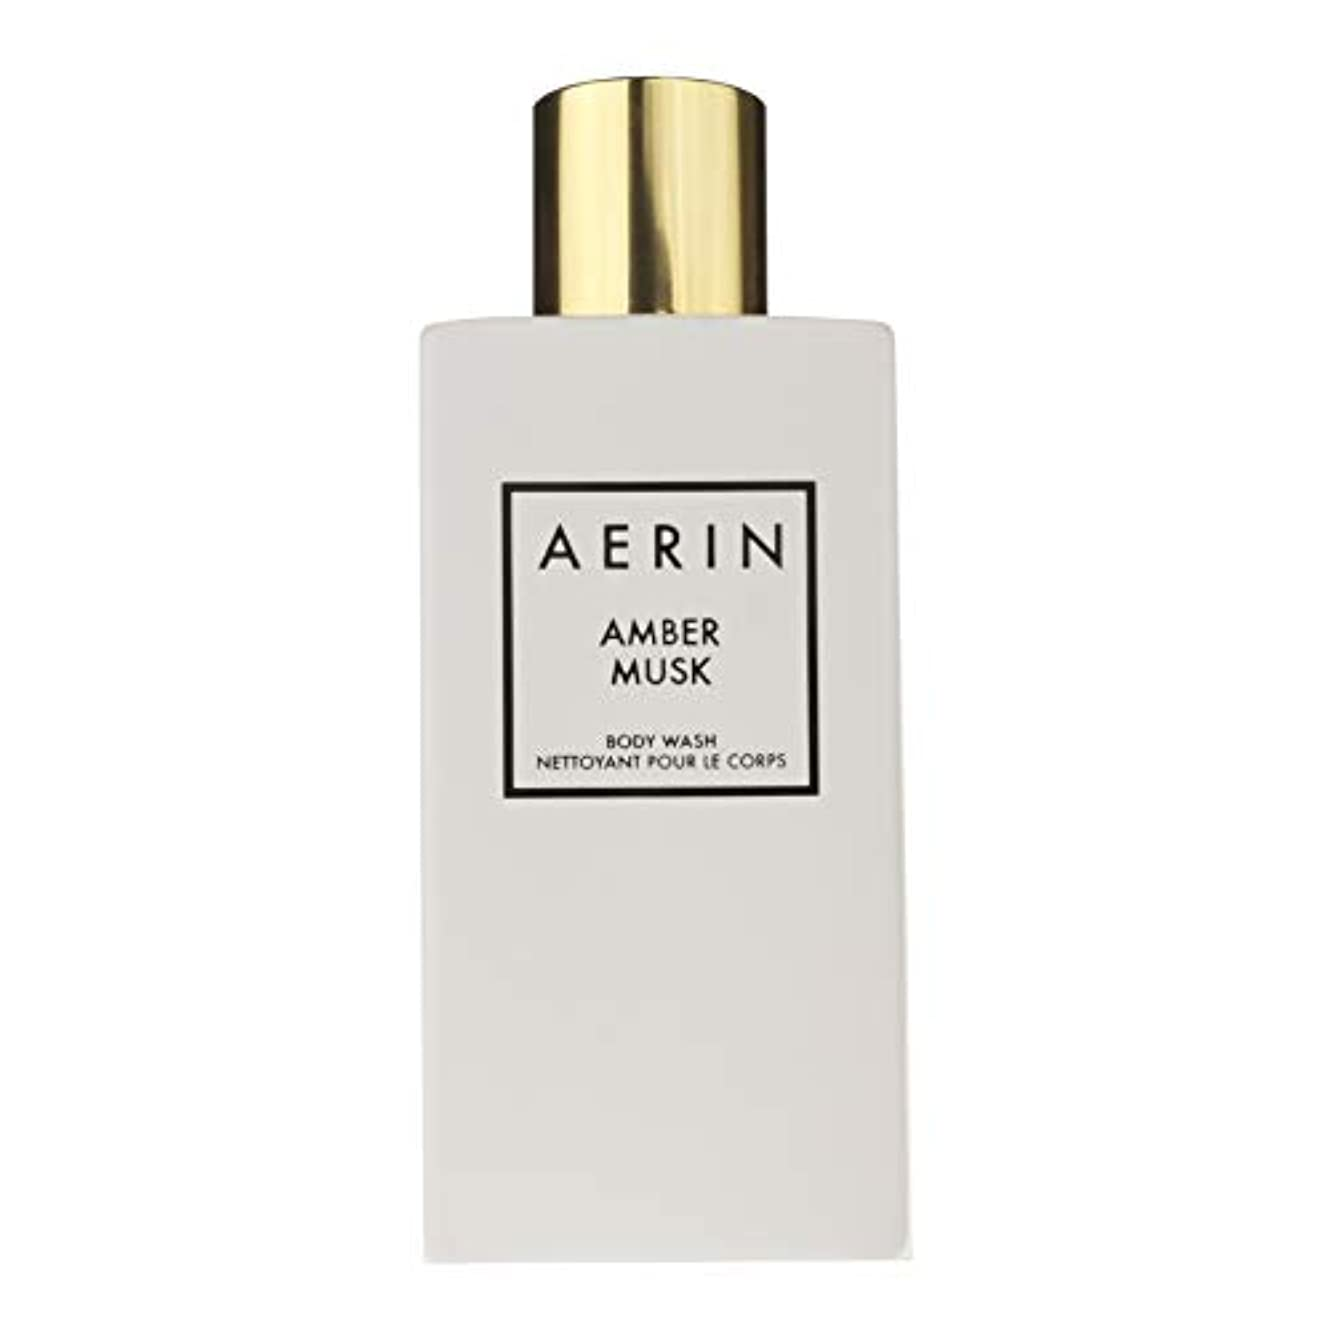 ワゴン写真ささやきAERIN 'Amber Musk' (アエリン アンバームスク) 7.6 oz (228ml) Body Wash ボディーウオッシュ by Estee Lauder